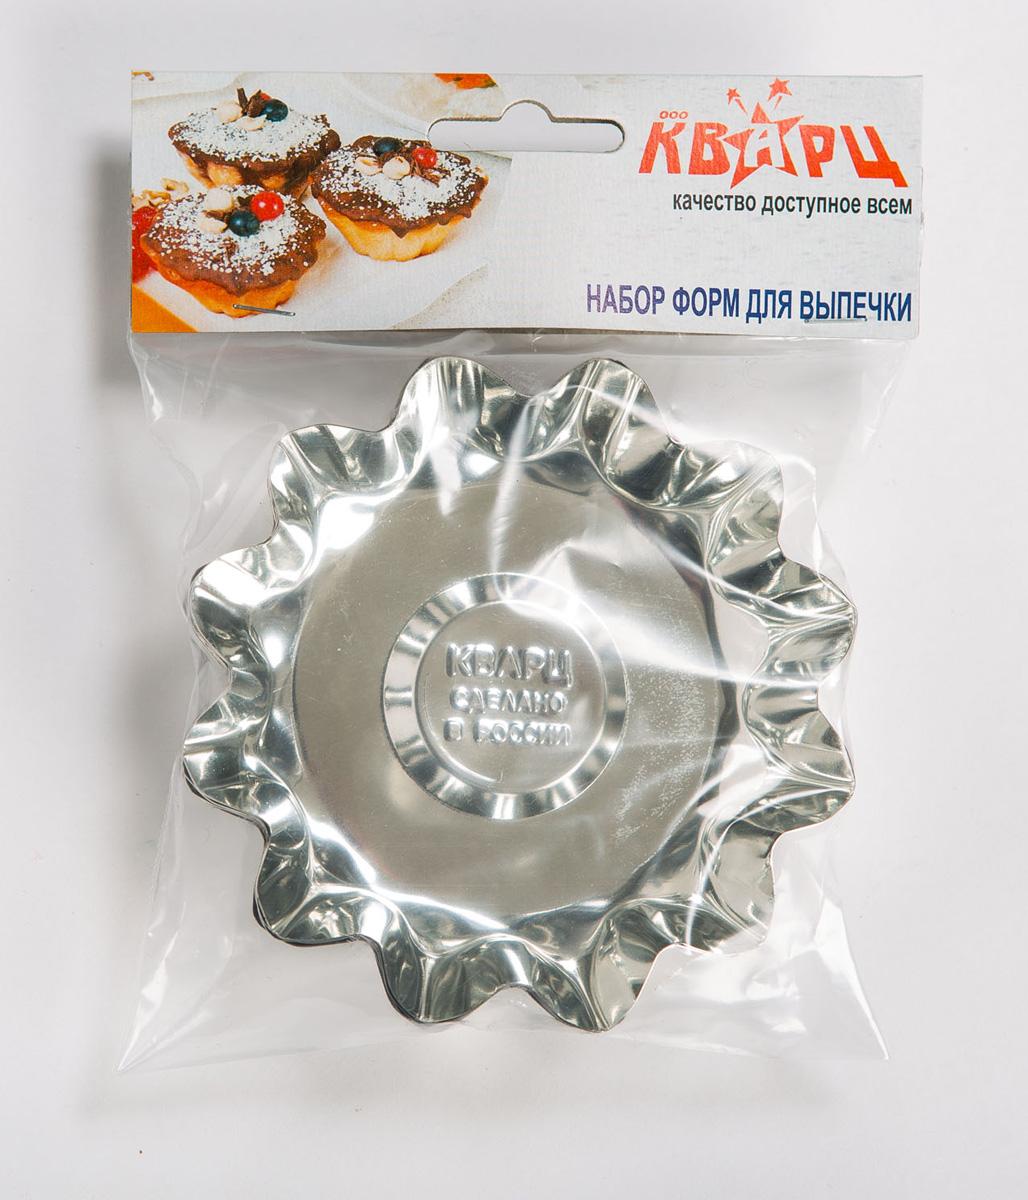 Набор форм для выпечки Кварц. КФ-05.006391602Набор Кварц выполнен из жести. Формы предназначены для выпечки и приготовления желе. Стенки изделий рельефные.С набором форм Кварц вы всегда сможете порадовать своих близких оригинальной выпечкой.